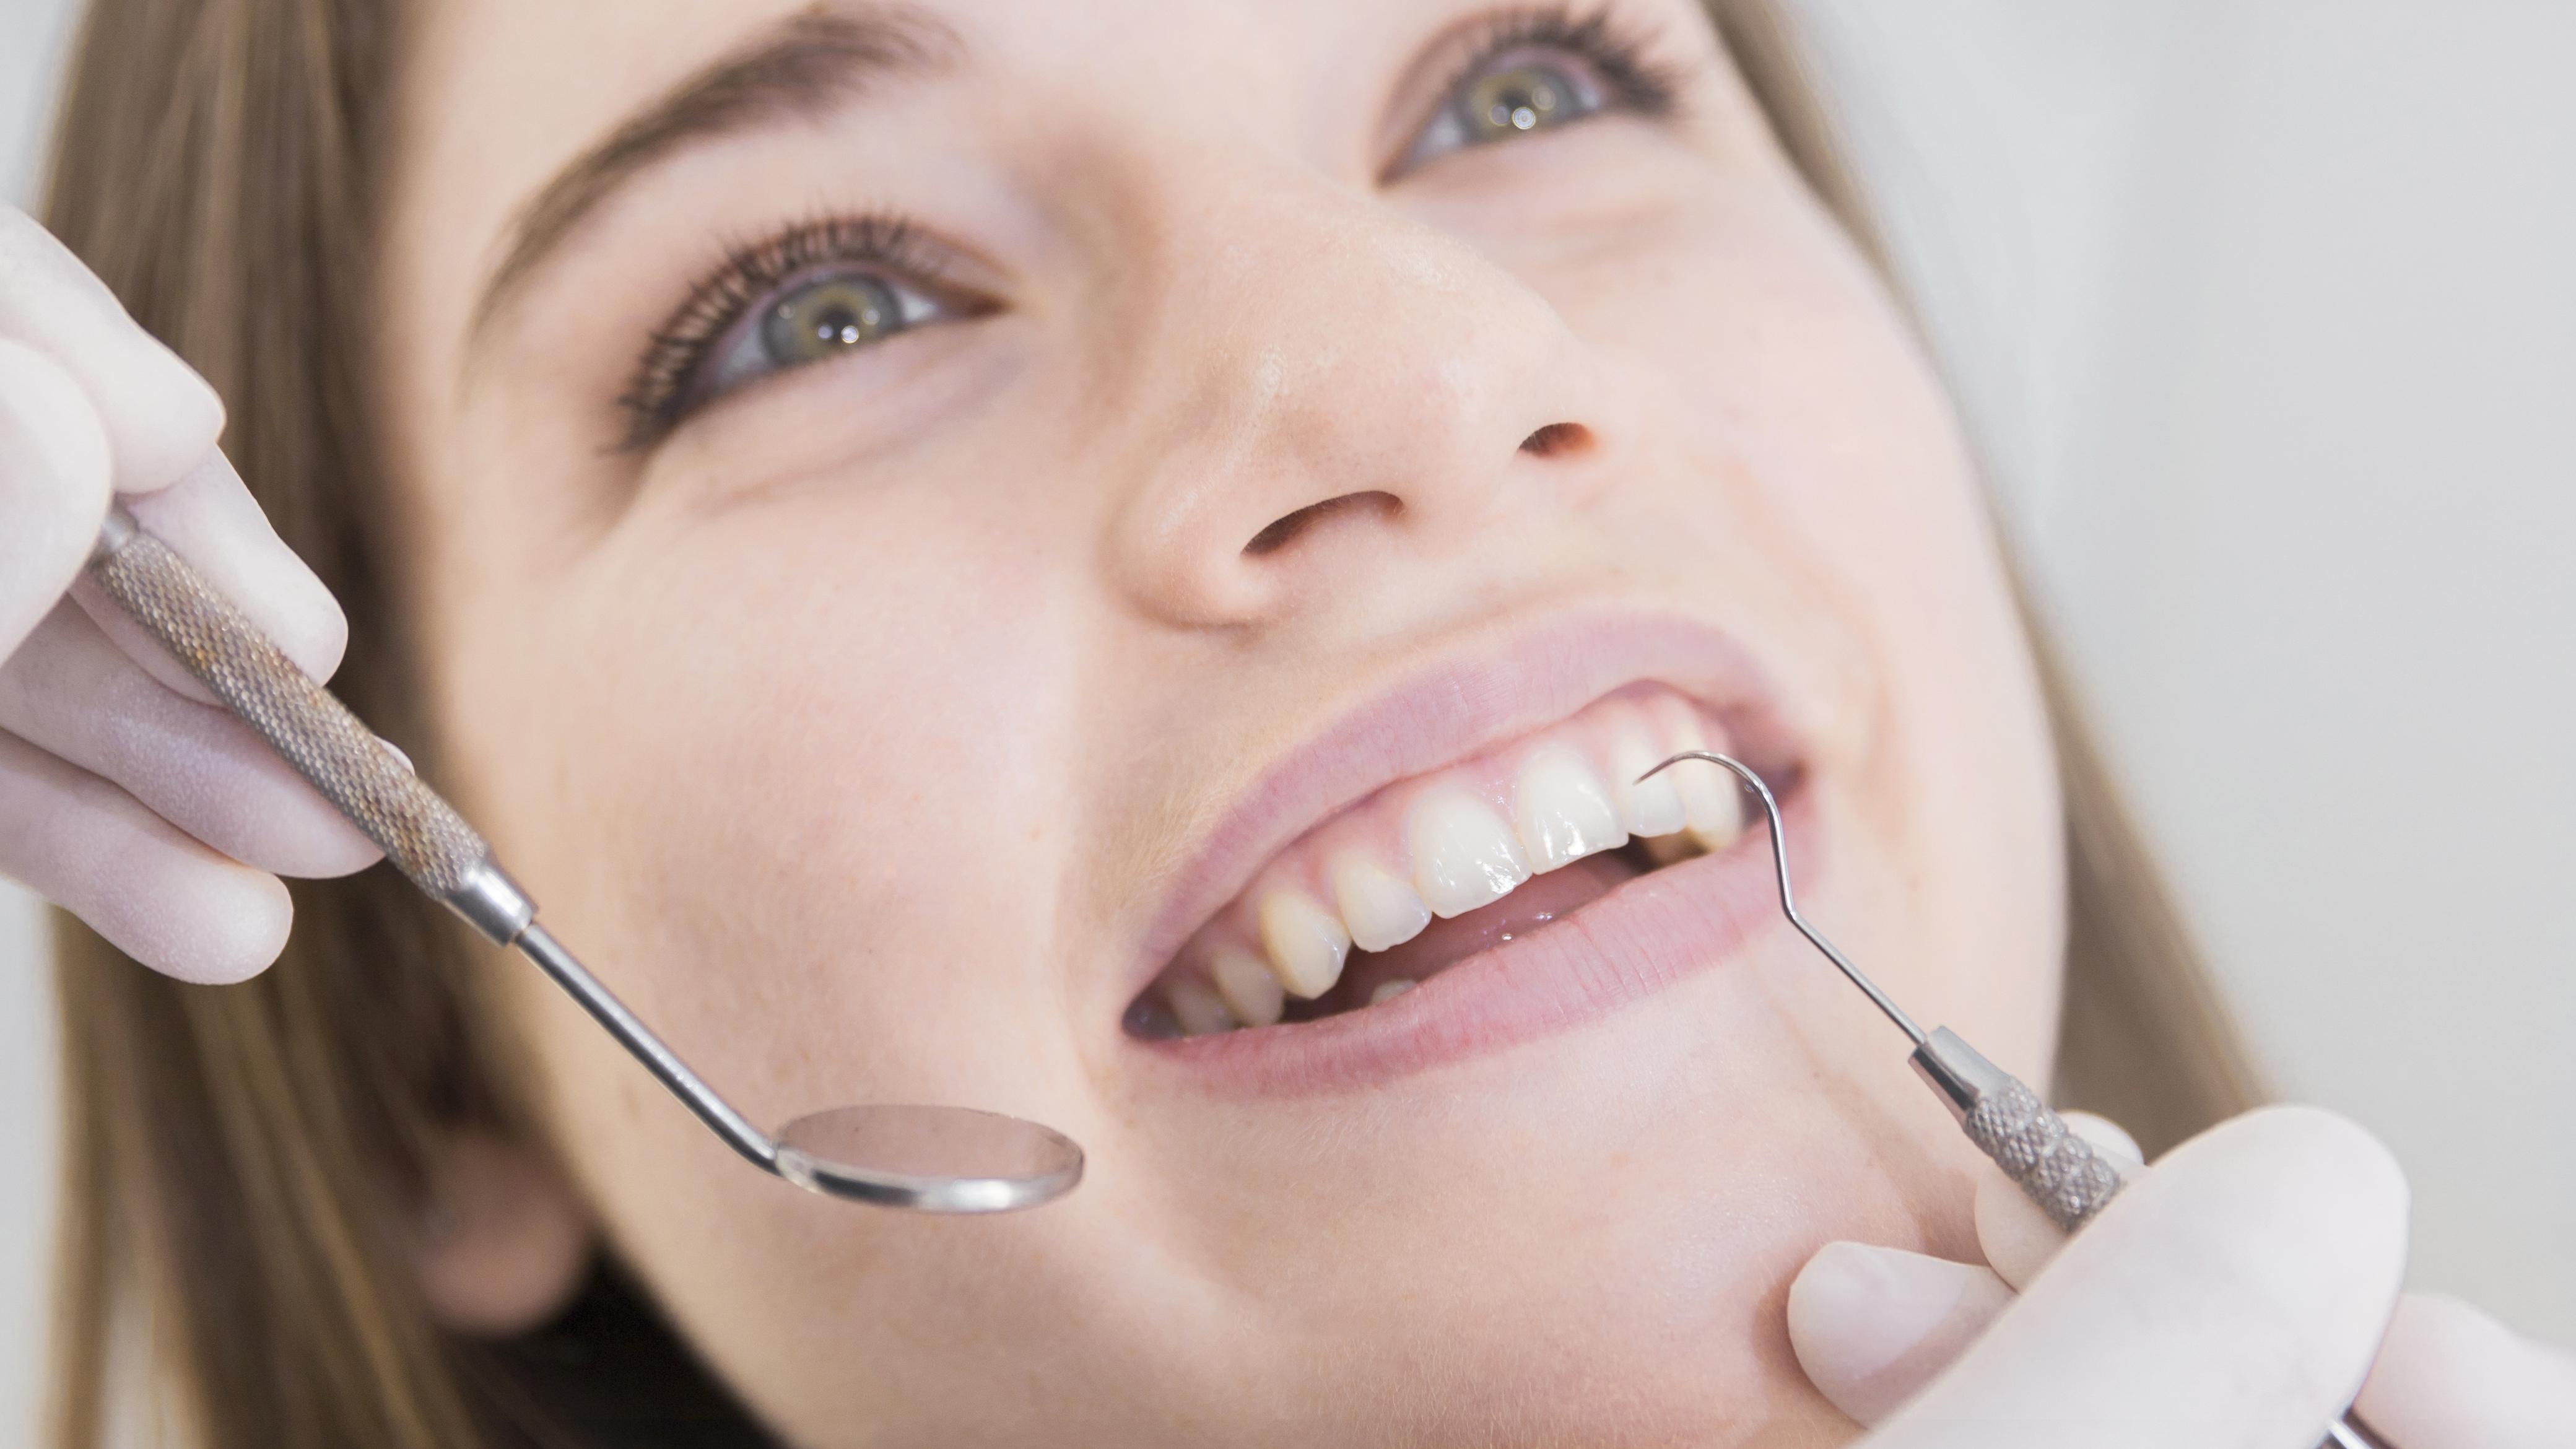 20'lik diş ağrısı nedir, nasıl olur, nereye vurur? 20'lik diş ağrısı kaç gün sürer, nasıl geçer, ne iyi gelir?